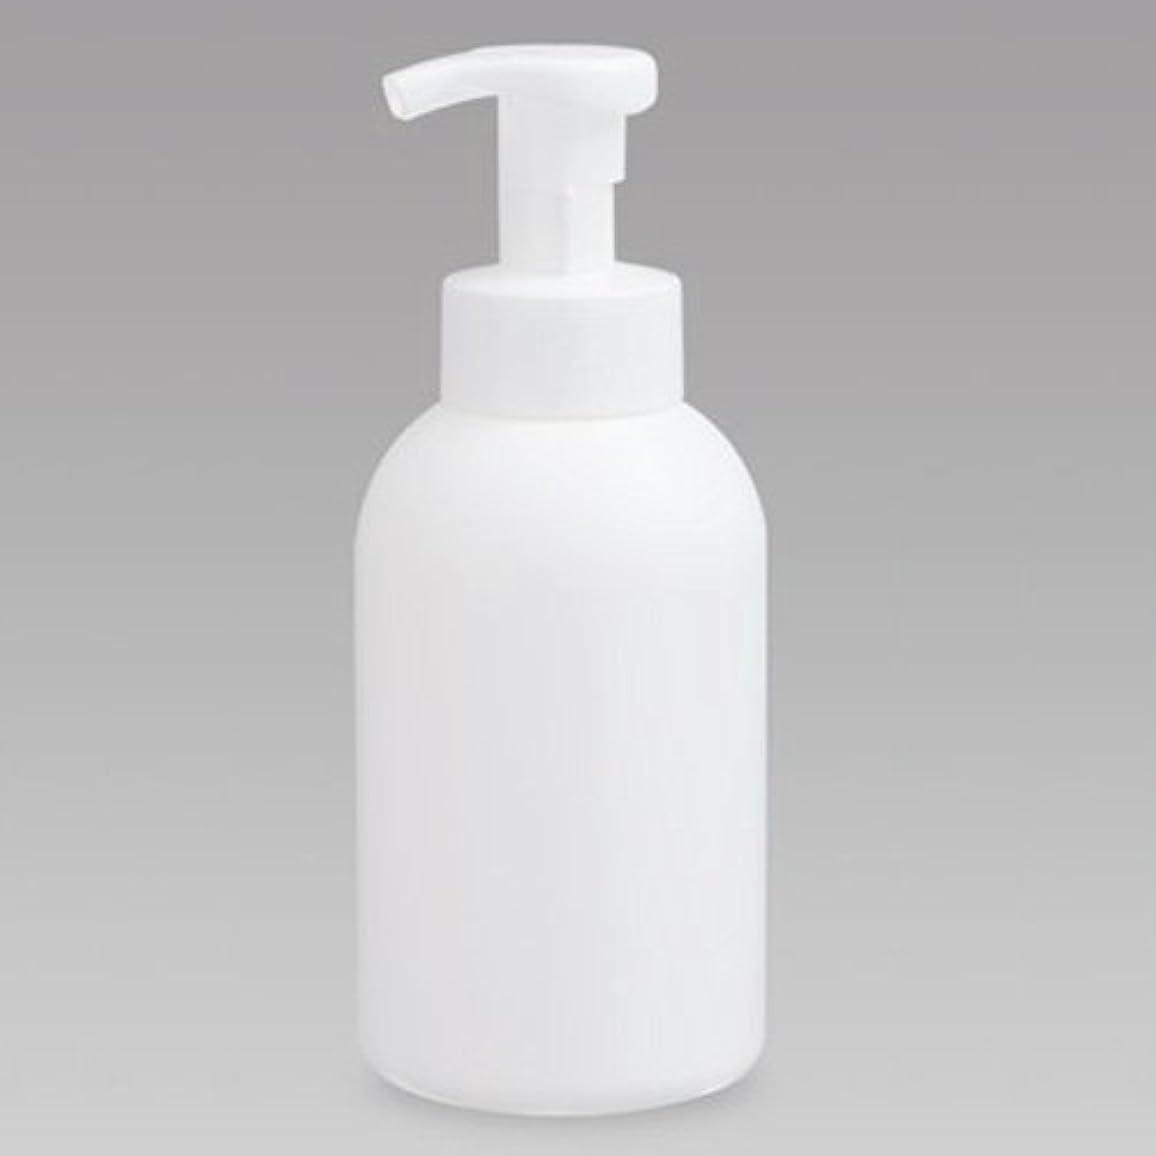 ふさわしい実り多い死んでいる泡ボトル 泡ポンプボトル 500mL(PE) ホワイト 詰め替え 詰替 泡ハンドソープ 全身石鹸 ボディソープ 洗顔フォーム